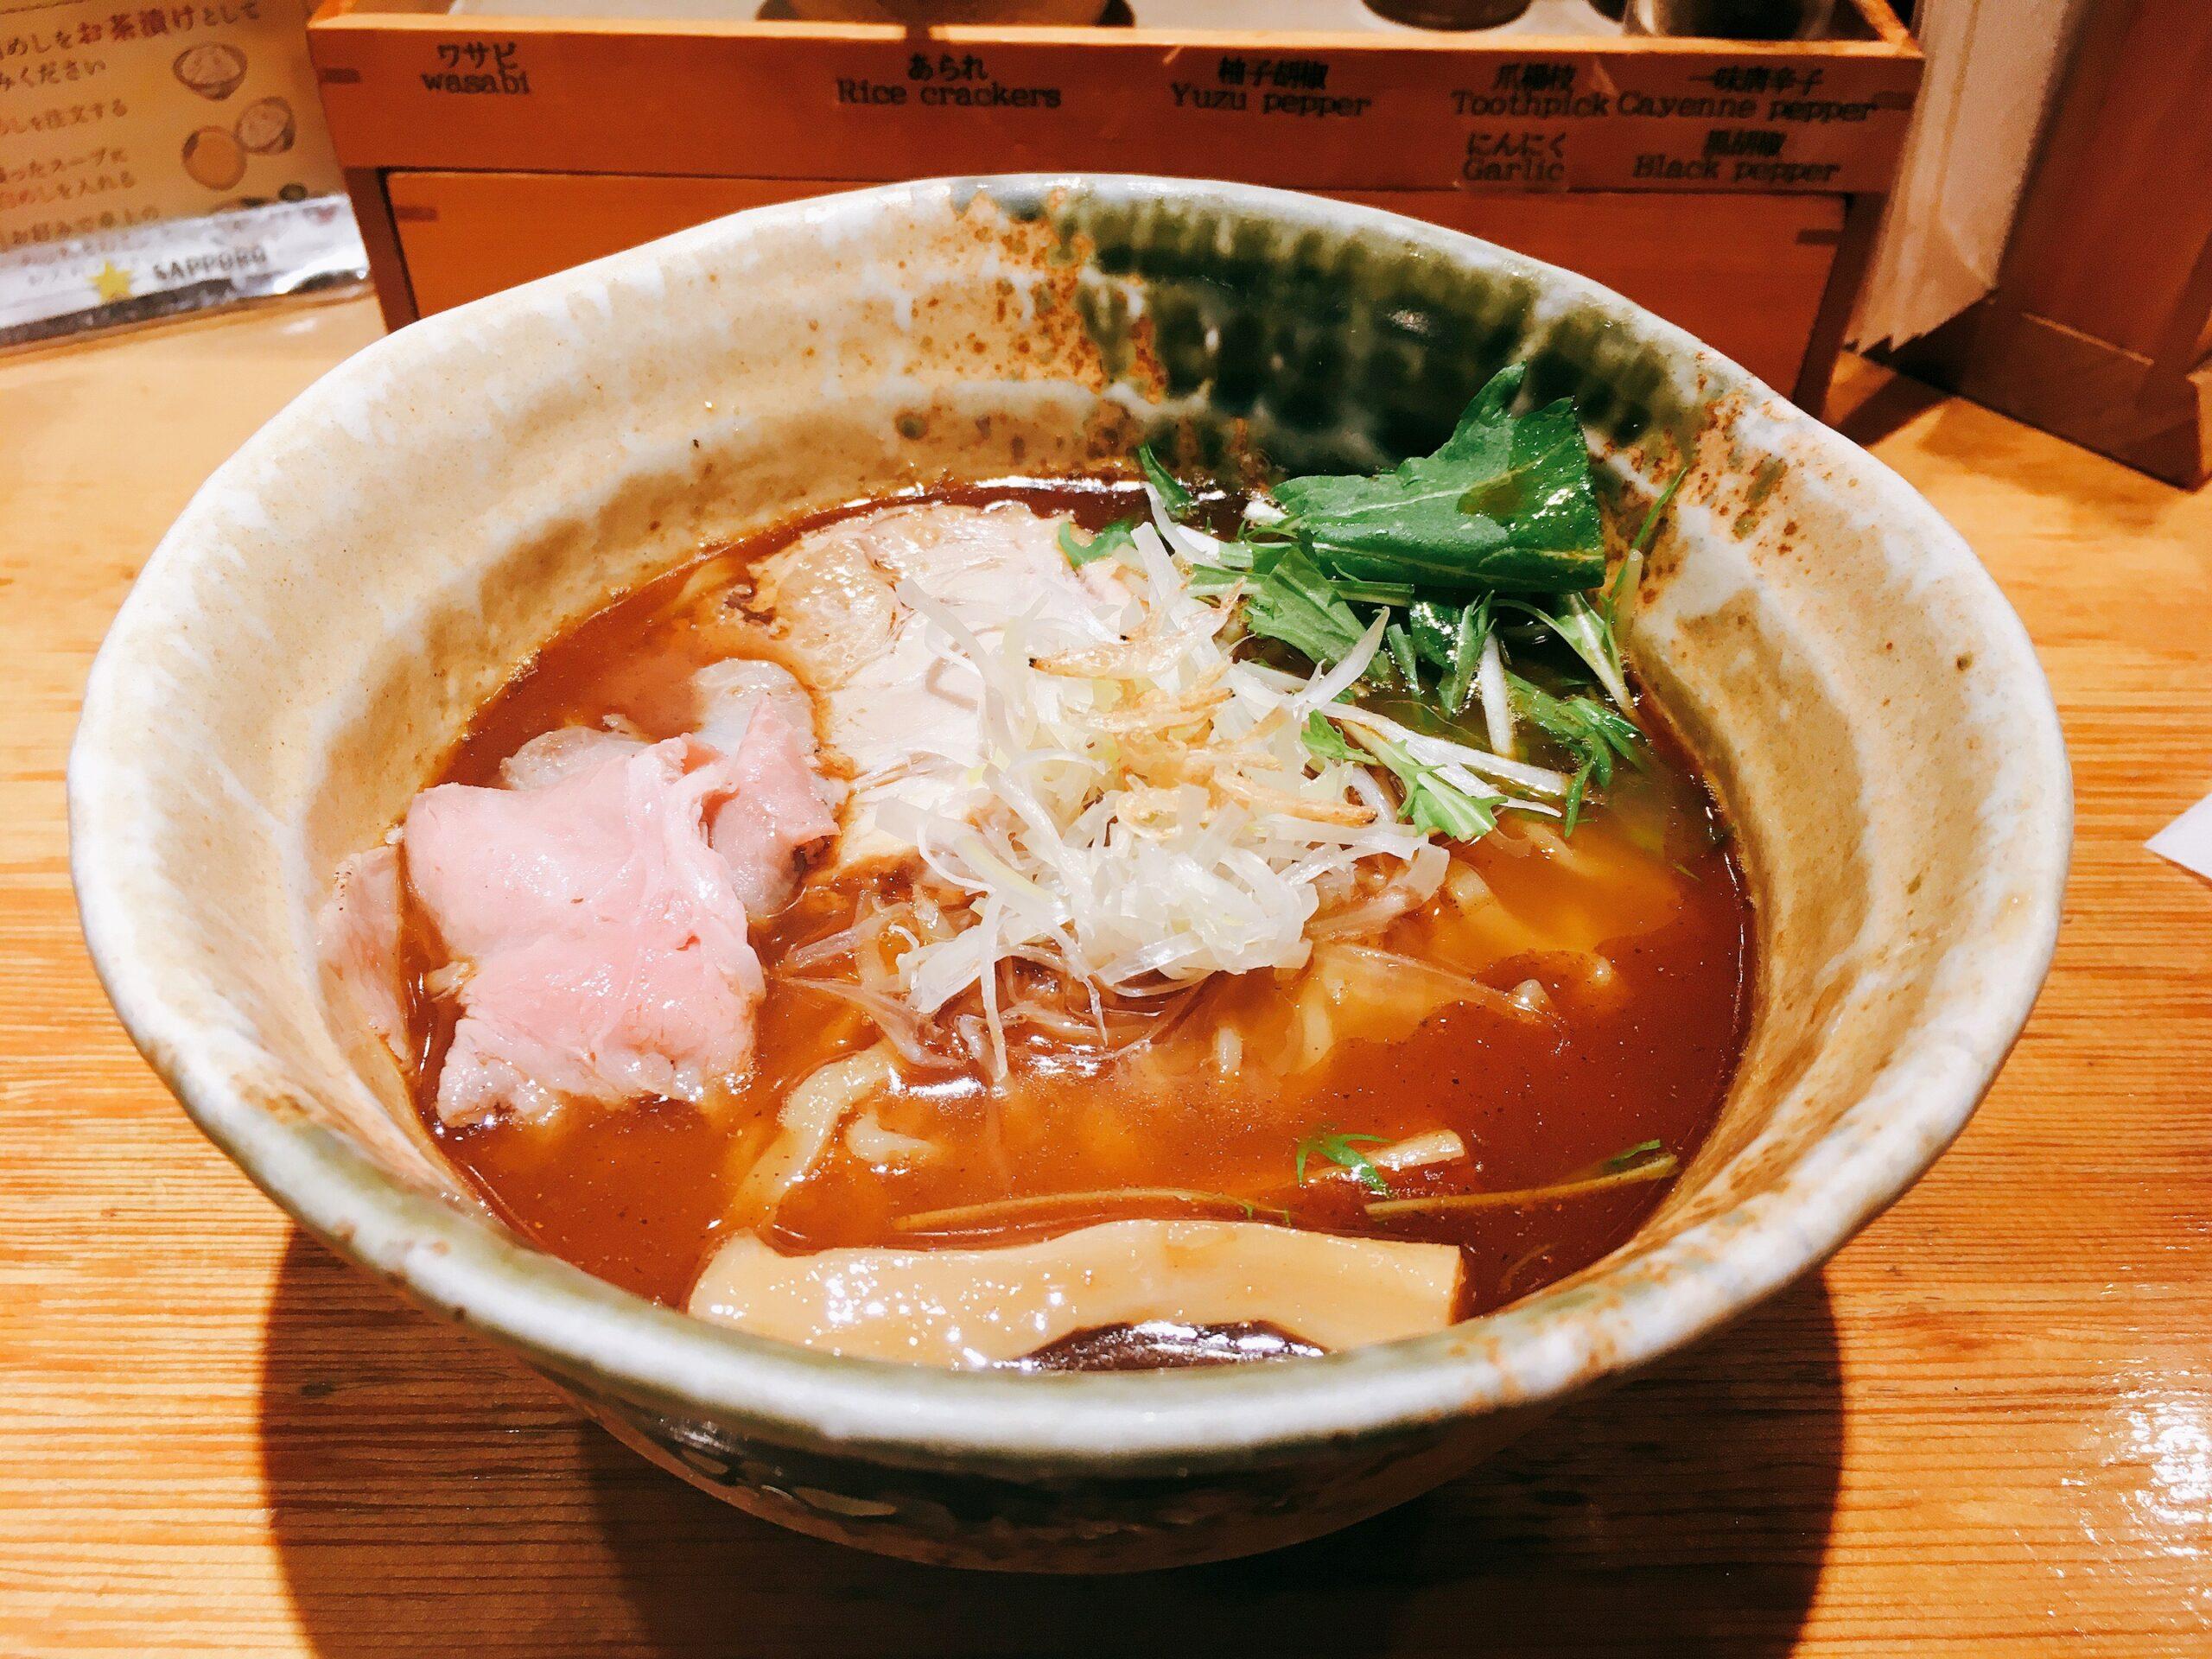 「焼きあご塩らー麺 たかはし 新宿本店」の「焼きあご塩らー麺」の写真